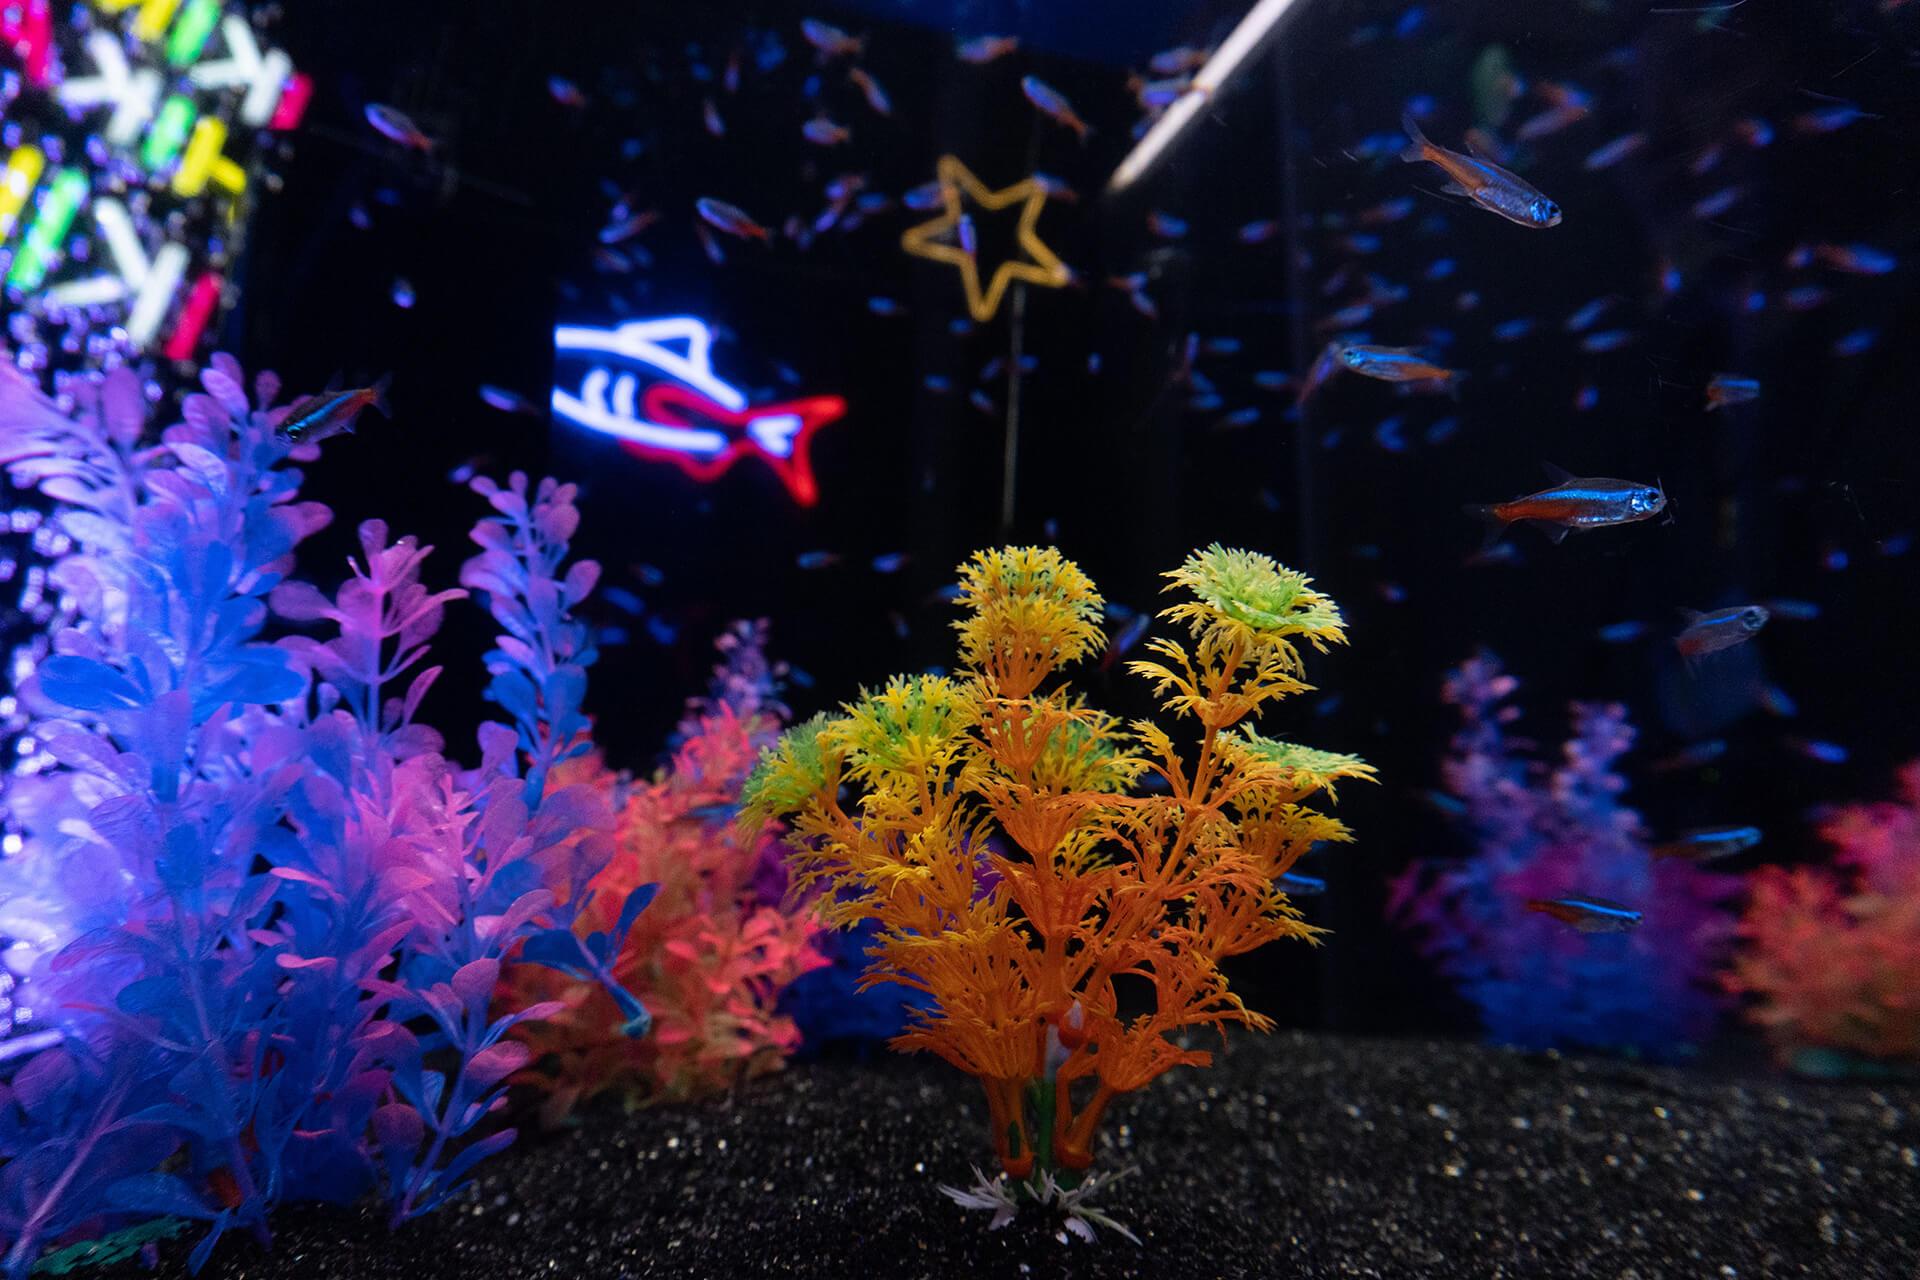 イキモノアート展・展示魚